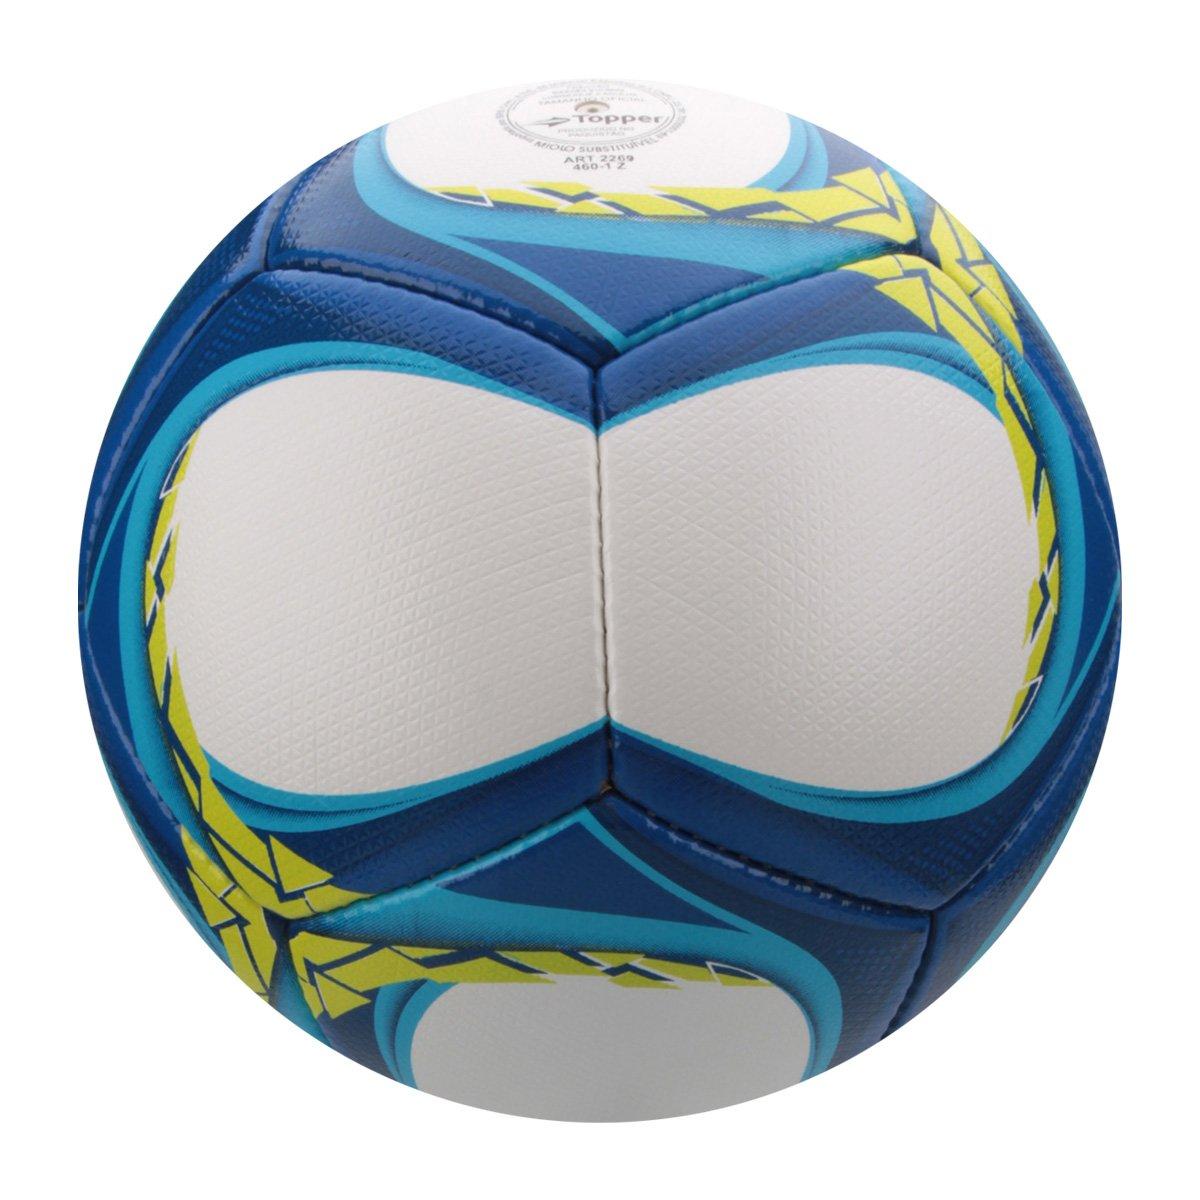 Bola Futebol Campo Topper Trivela V12 - Branco e Azul - Compre Agora ... d7b8411913216